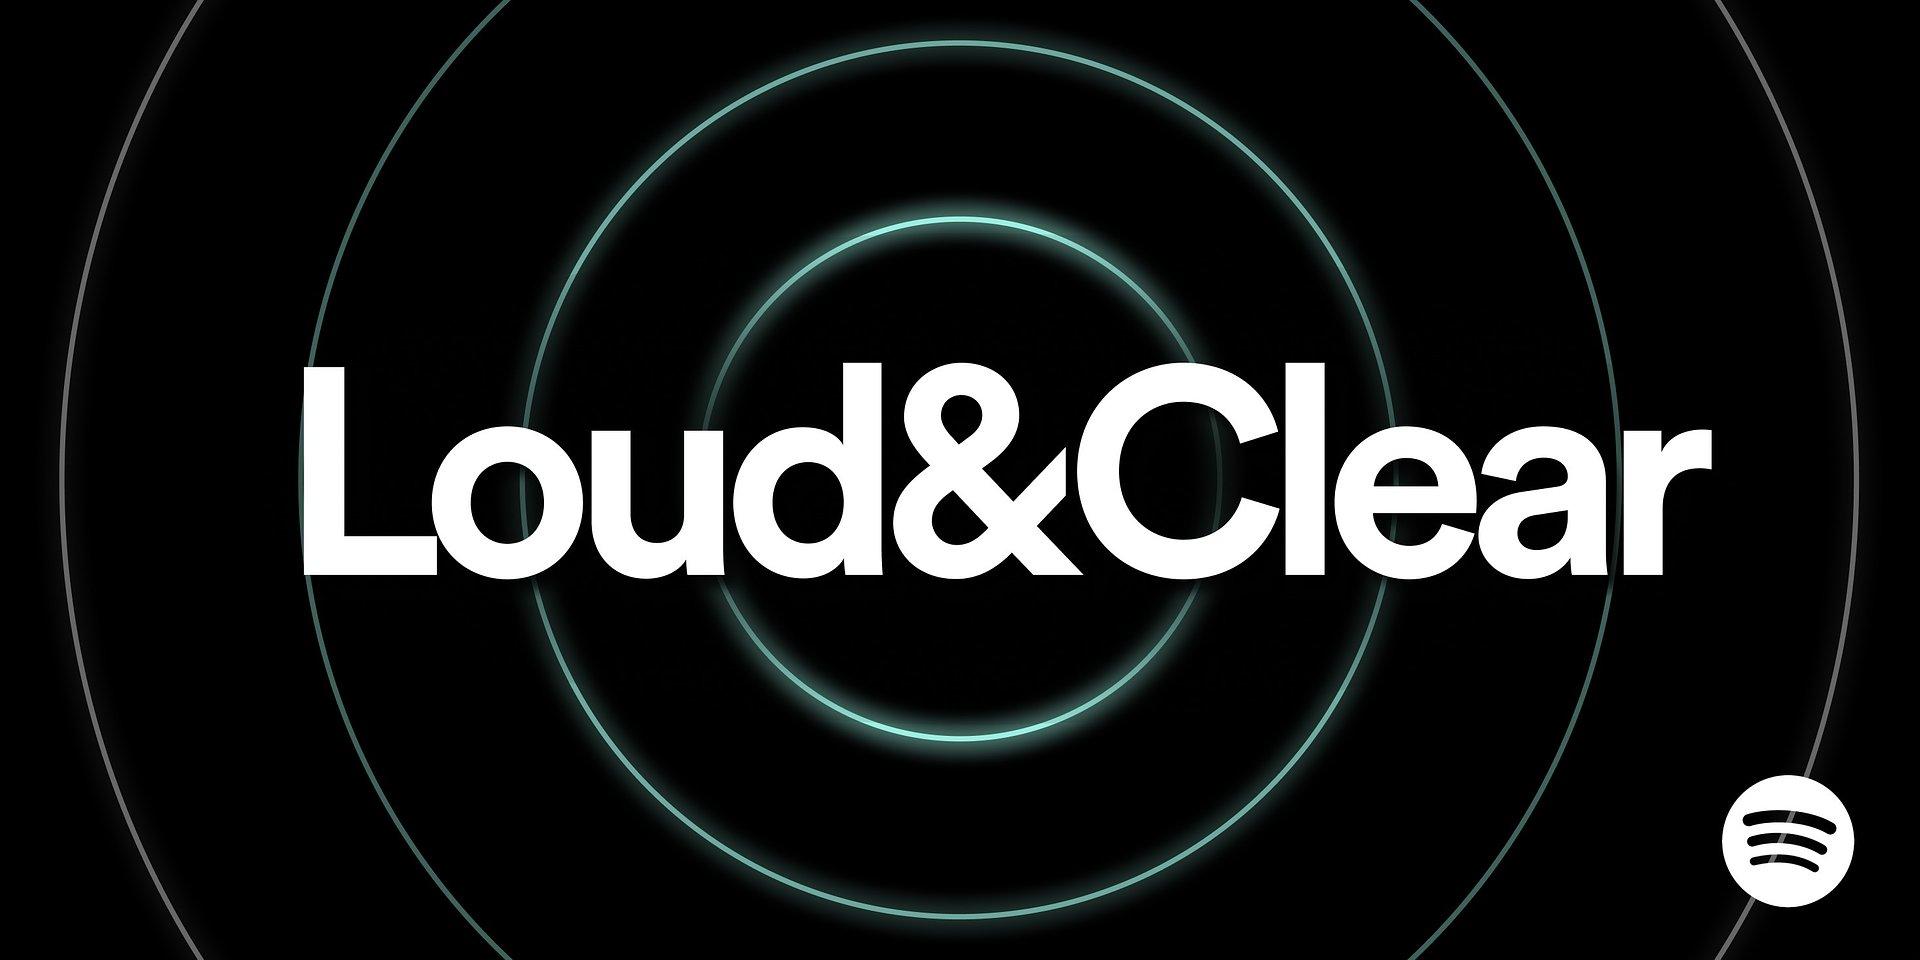 Loud & Clear: Neue Spotify Website informiert über Vergütung im Musikstreaming